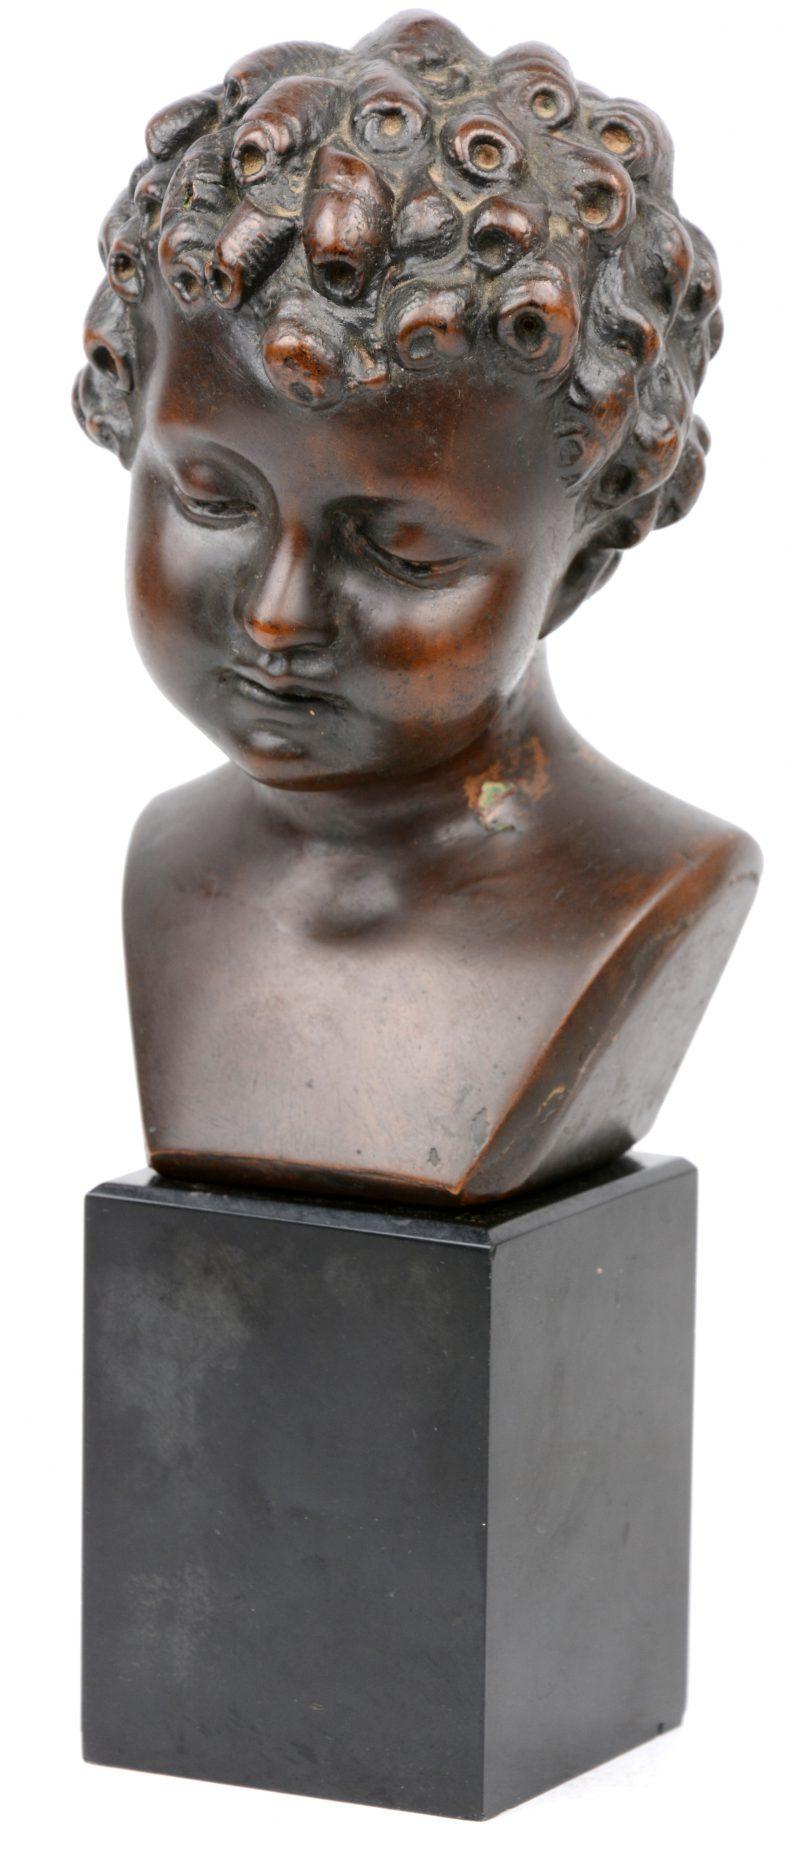 Kleine kinderbuste van brons. Gesigneerd Balestra en genummerd 80.